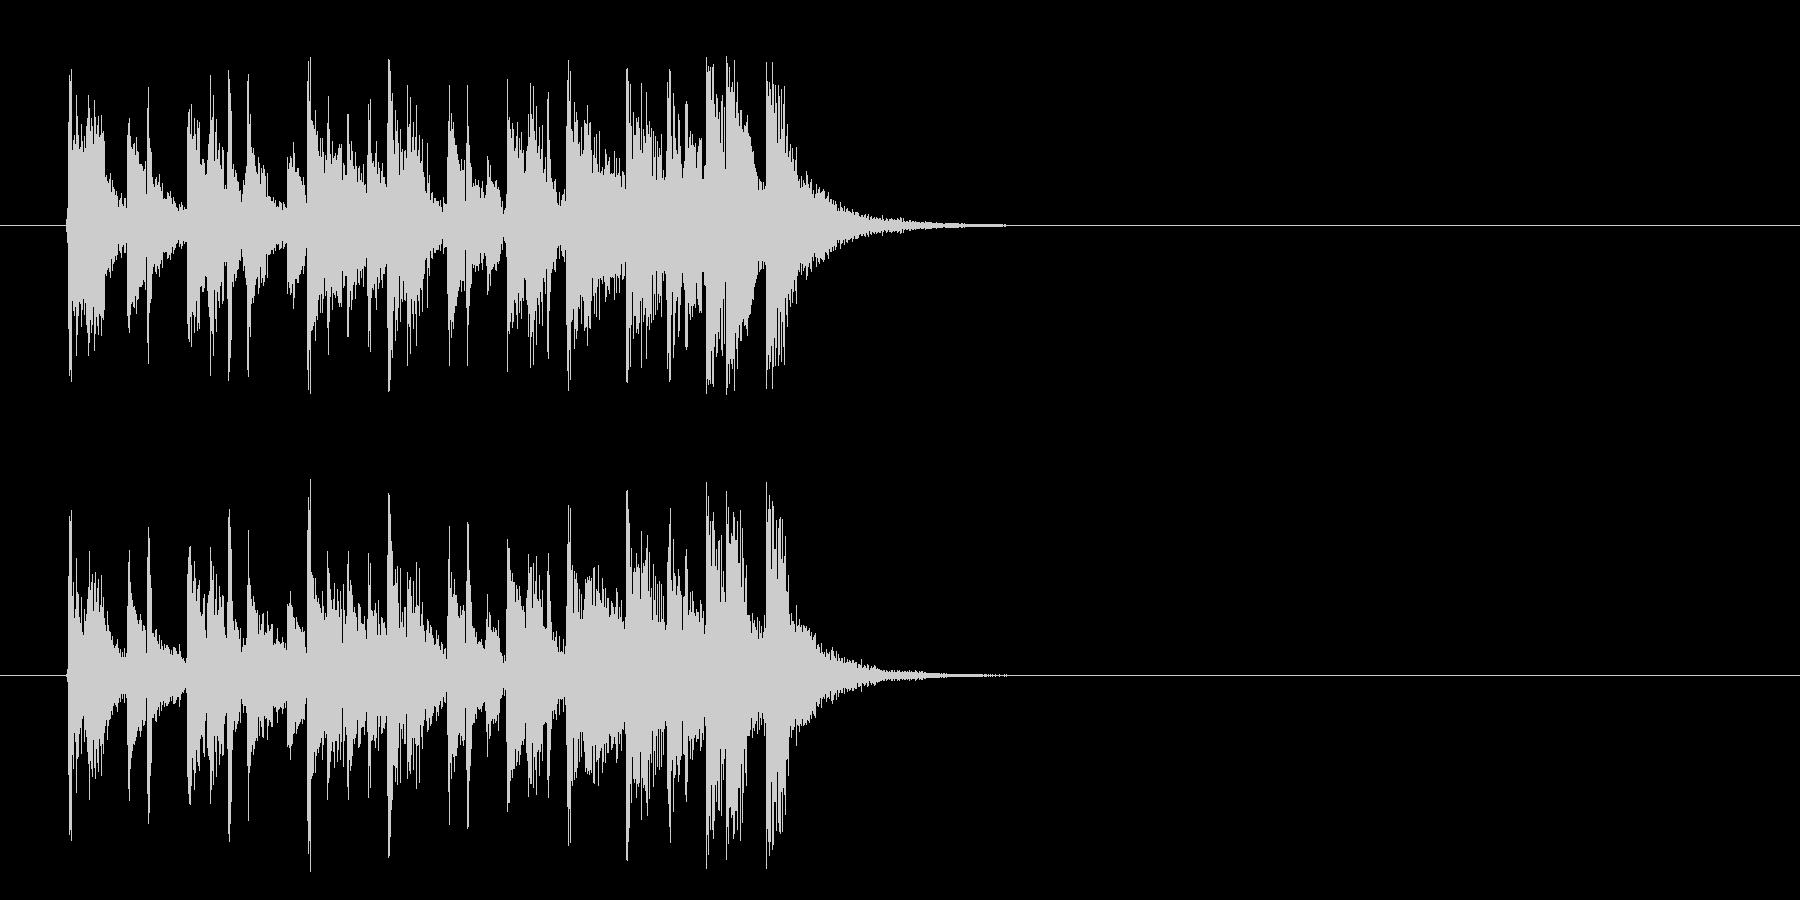 ジングル/インフォメーション(ポップ)の未再生の波形